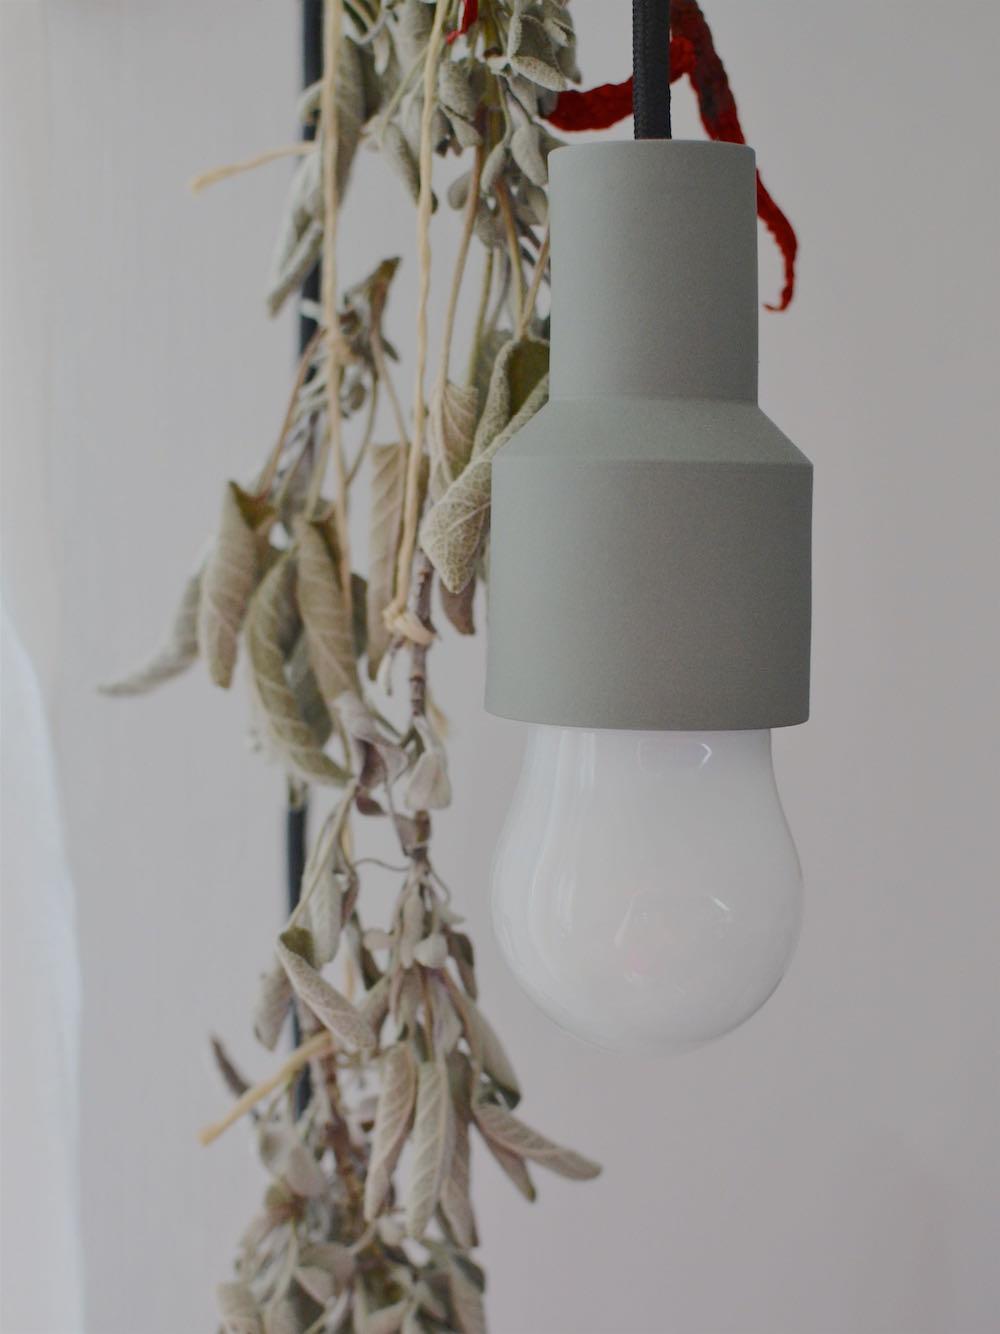 Miris jahrbuch: neu im wohnzimmer: keramik lampe lys von kulØr